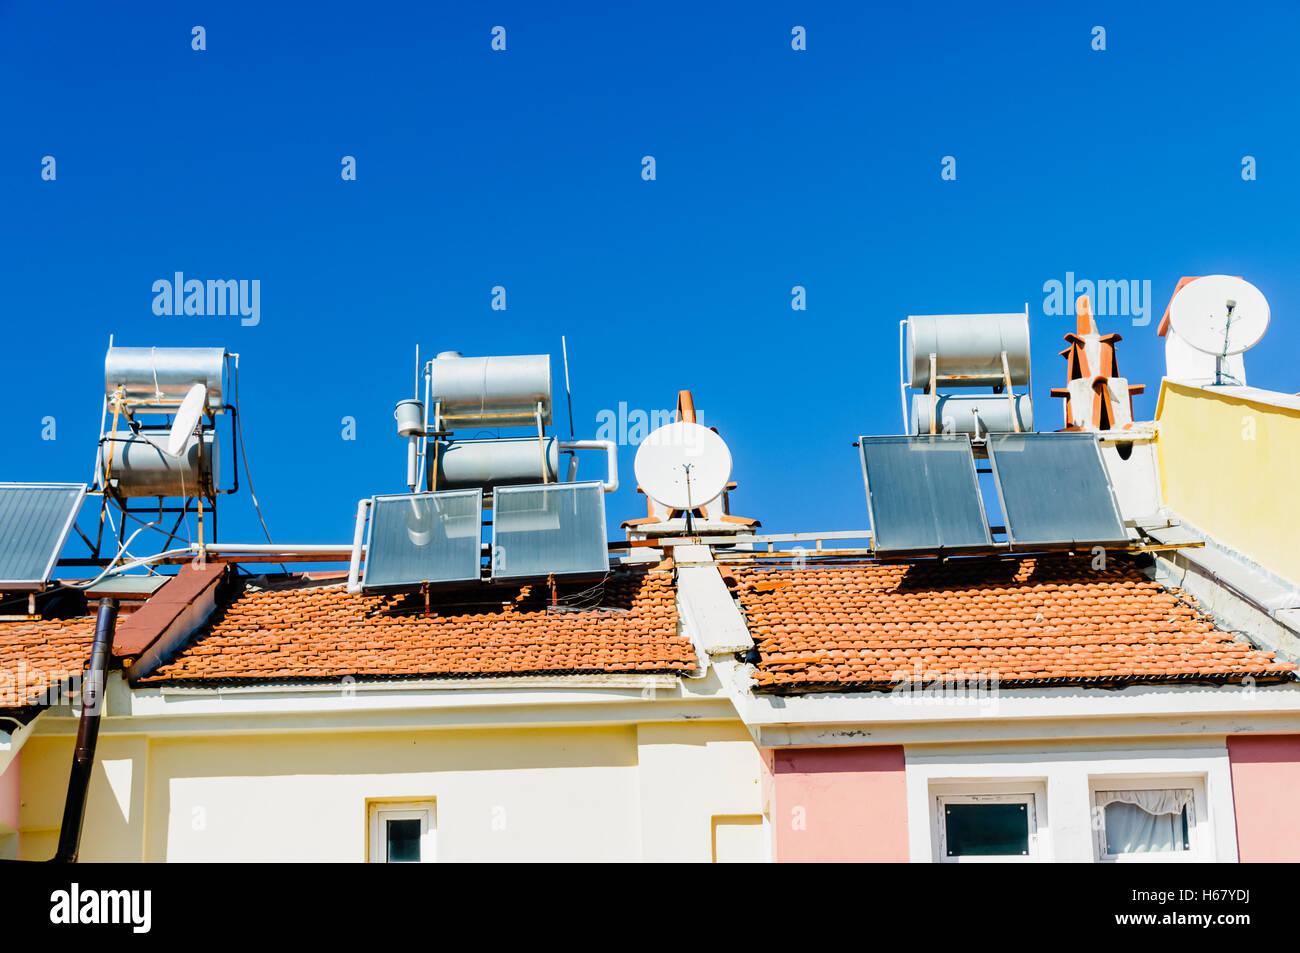 Chauffe-eau solaire et des antennes paraboliques sur le toit d'un bâtiment dans un climat chaud. Photo Stock